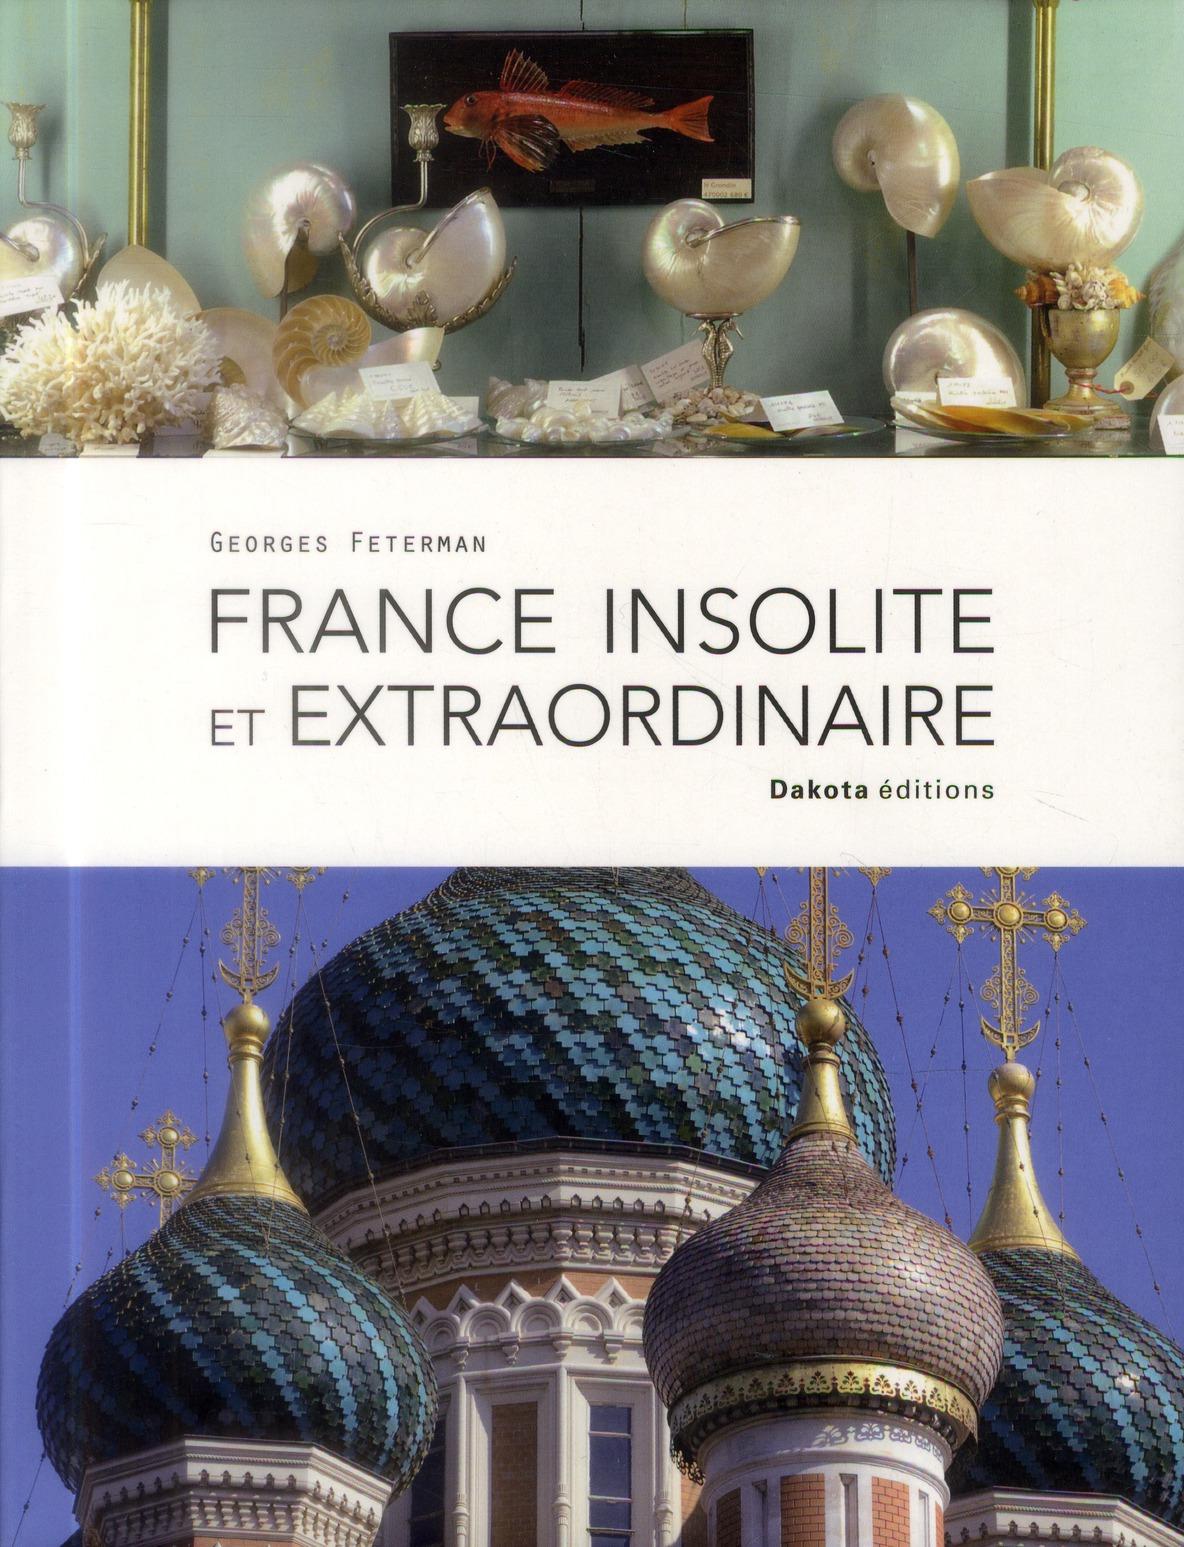 FRANCE INSOLITE ET EXTRAORDINAIRE